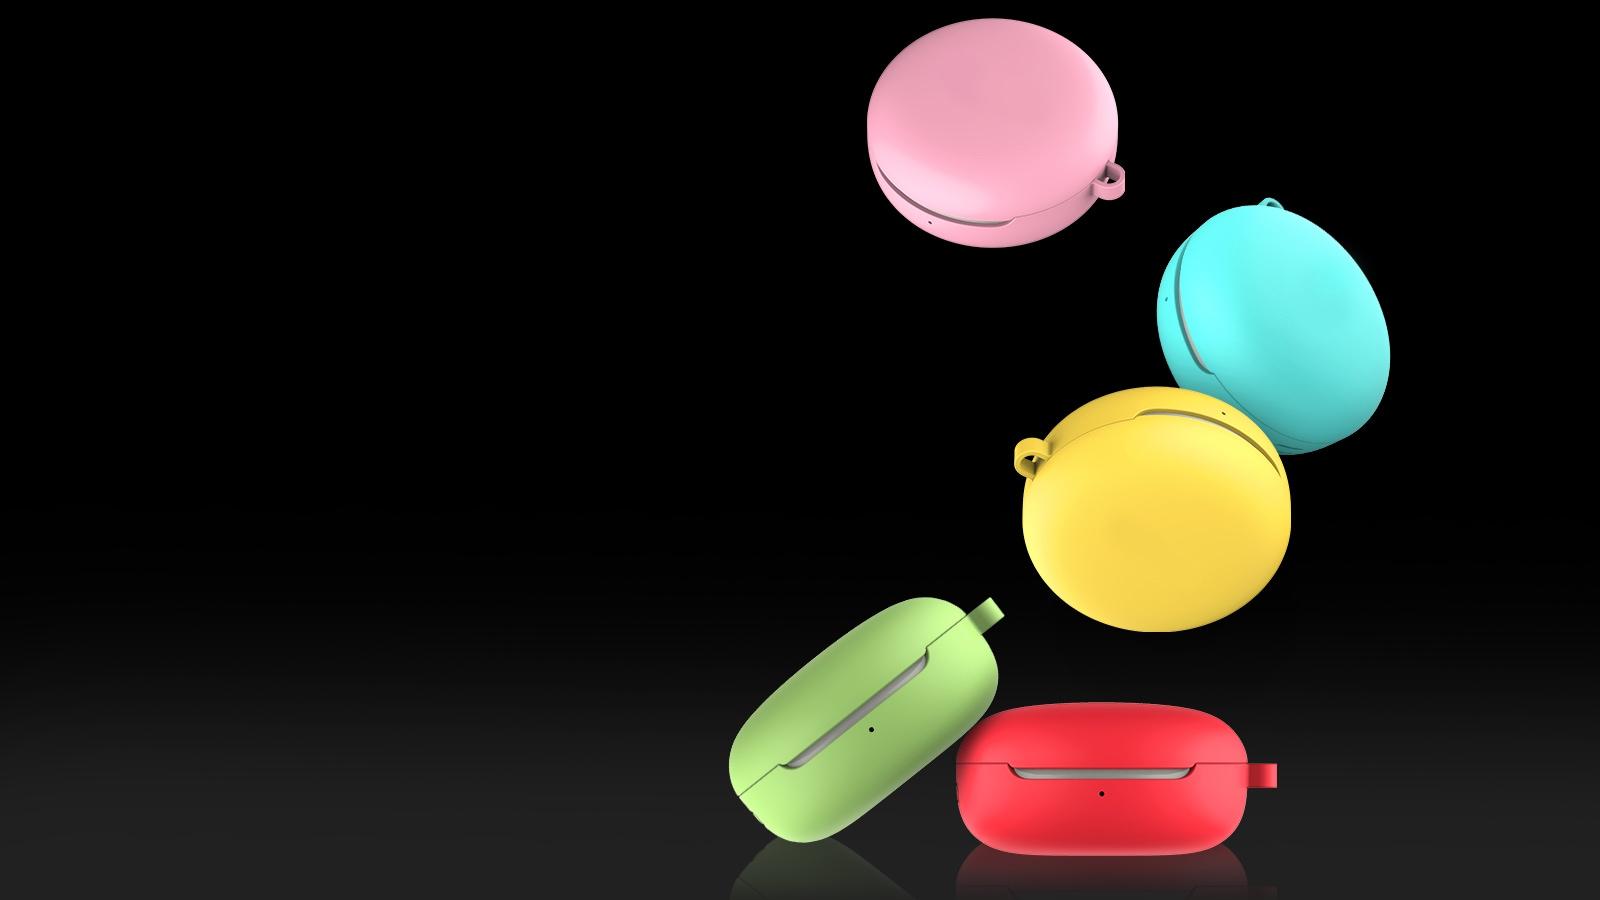 Hình ảnh năm chiếc hộp tai nghe LG TONE Free FN4 trong năm vỏ có màu khác nhau trôi xuống sàn nhà bóng loáng